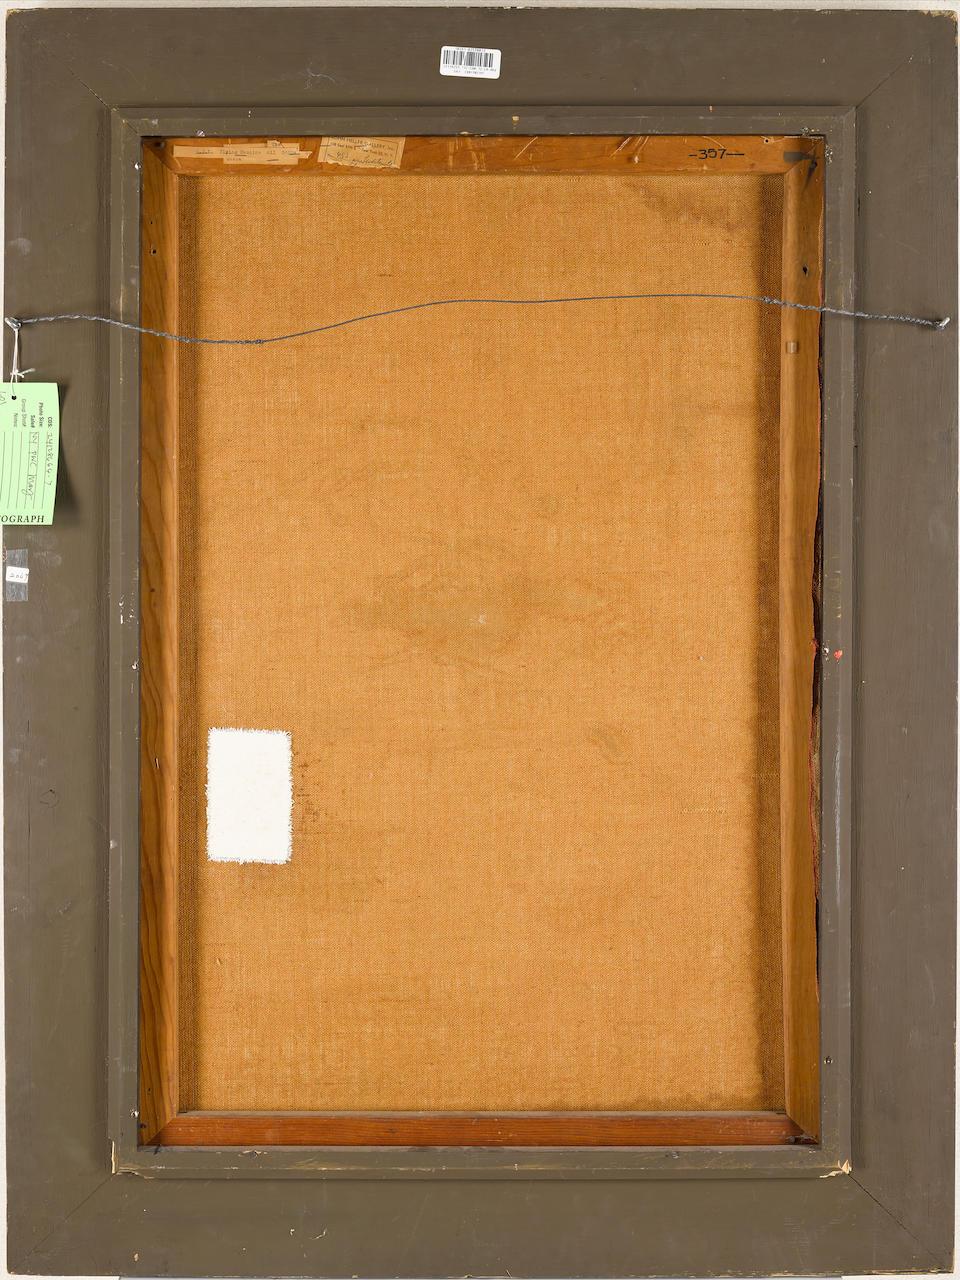 ROY LICHTENSTEIN (1923-1997) The Flying Machine, 1954 36 x 23 5/8 in. (91.4 x 60 cm)